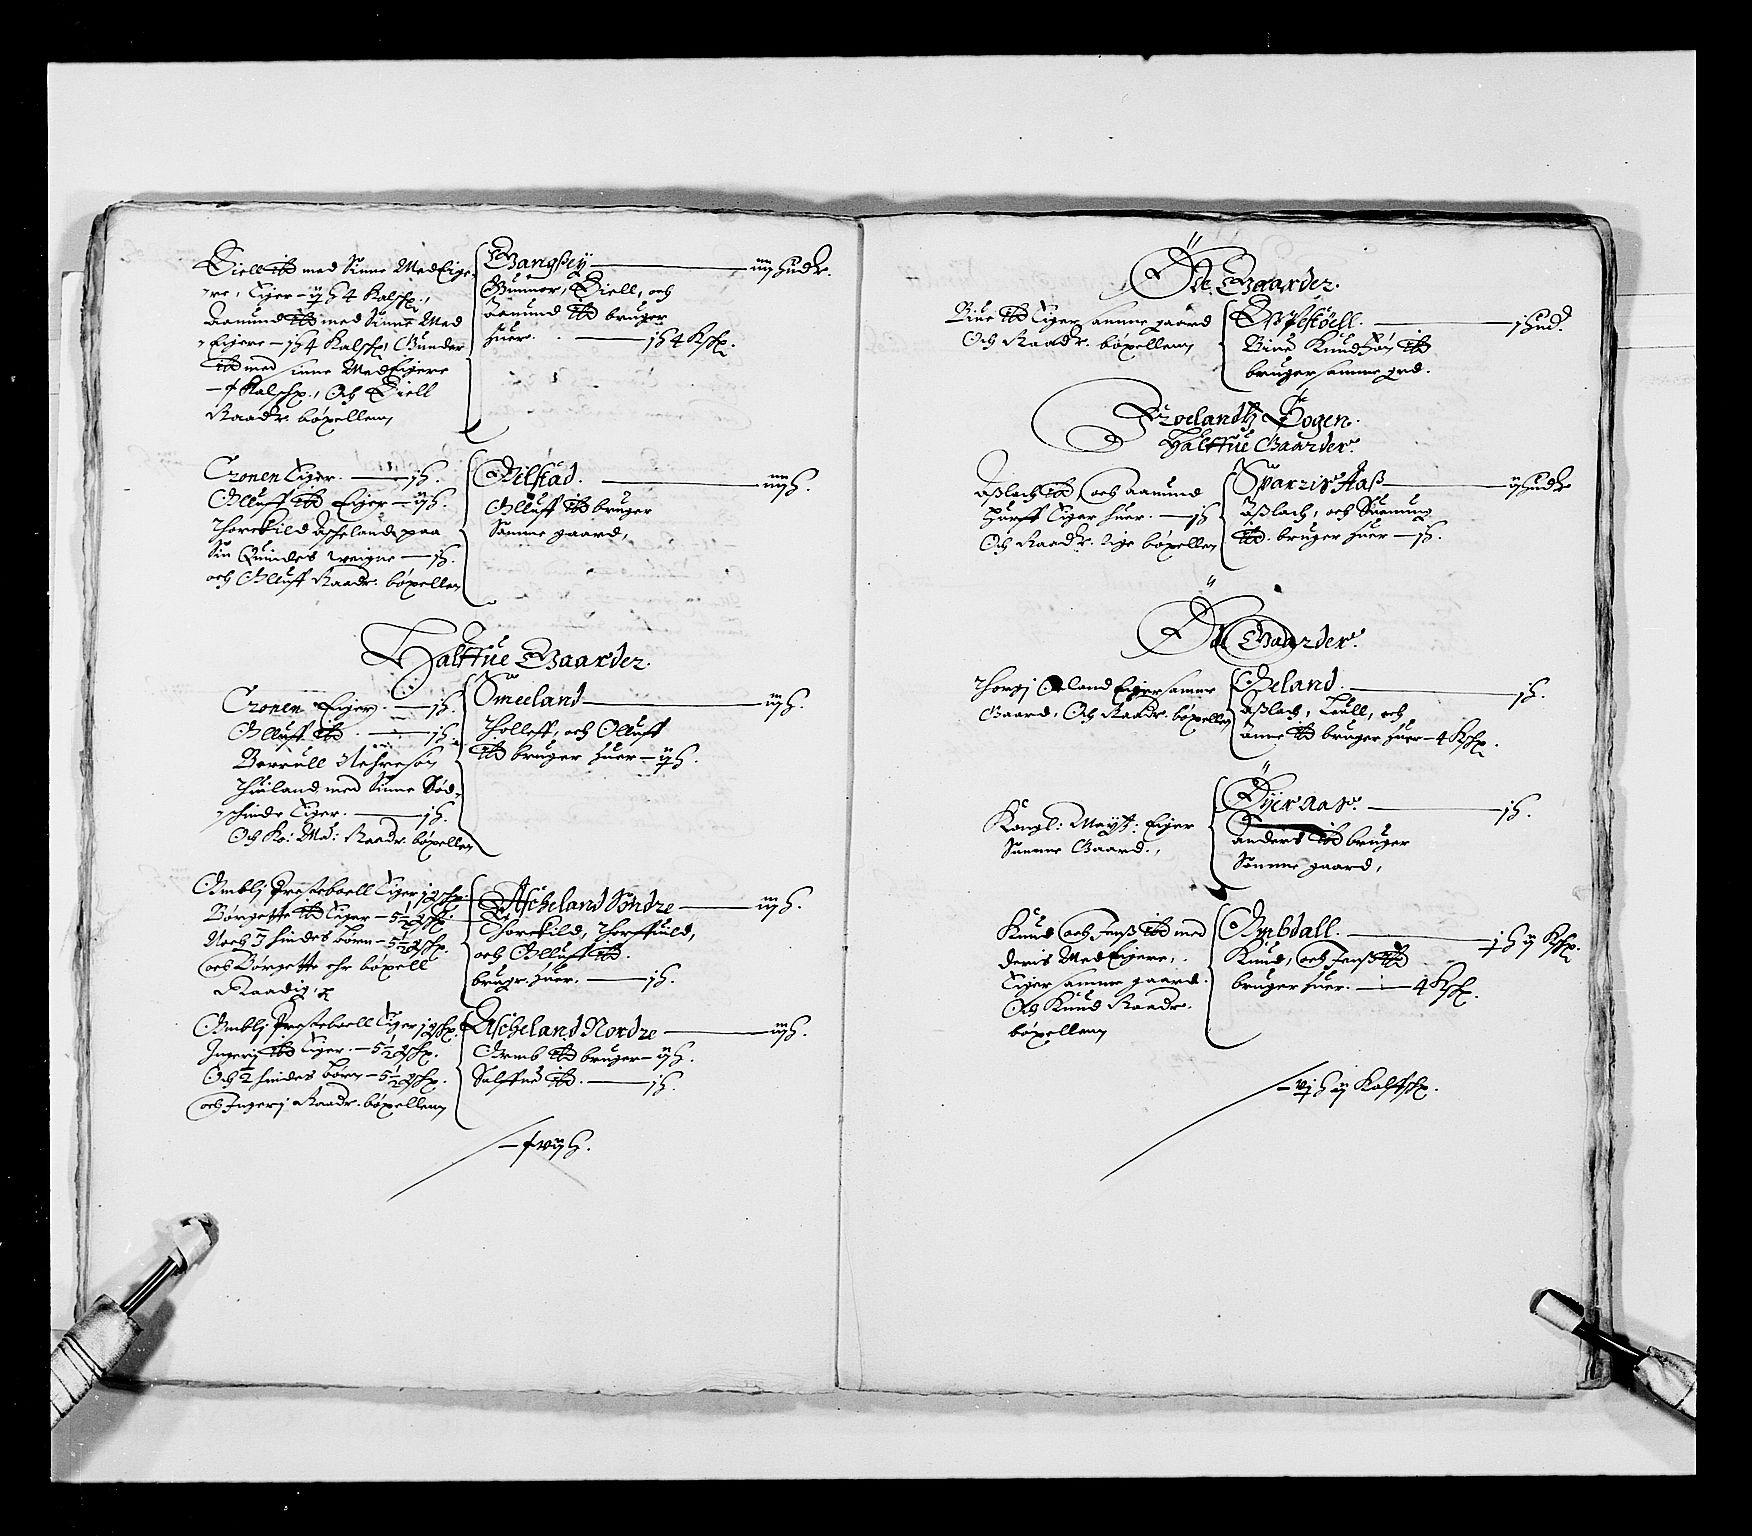 RA, Stattholderembetet 1572-1771, Ek/L0023: Jordebøker 1633-1658:, 1648-1649, s. 10